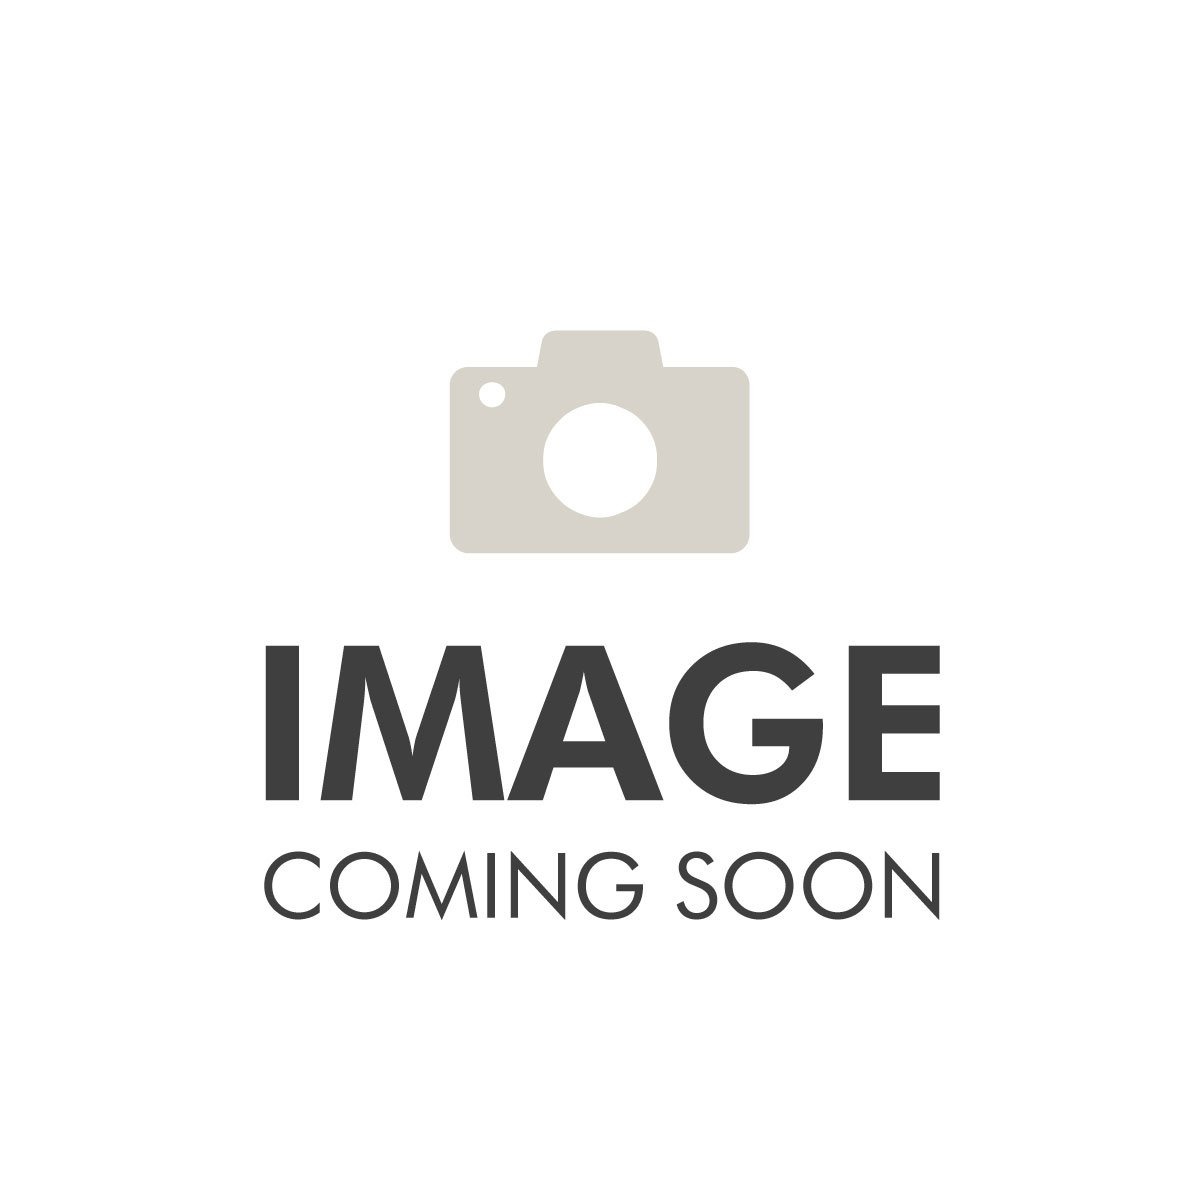 Leon Paul - Mask Padding - Standard - Thick Chin